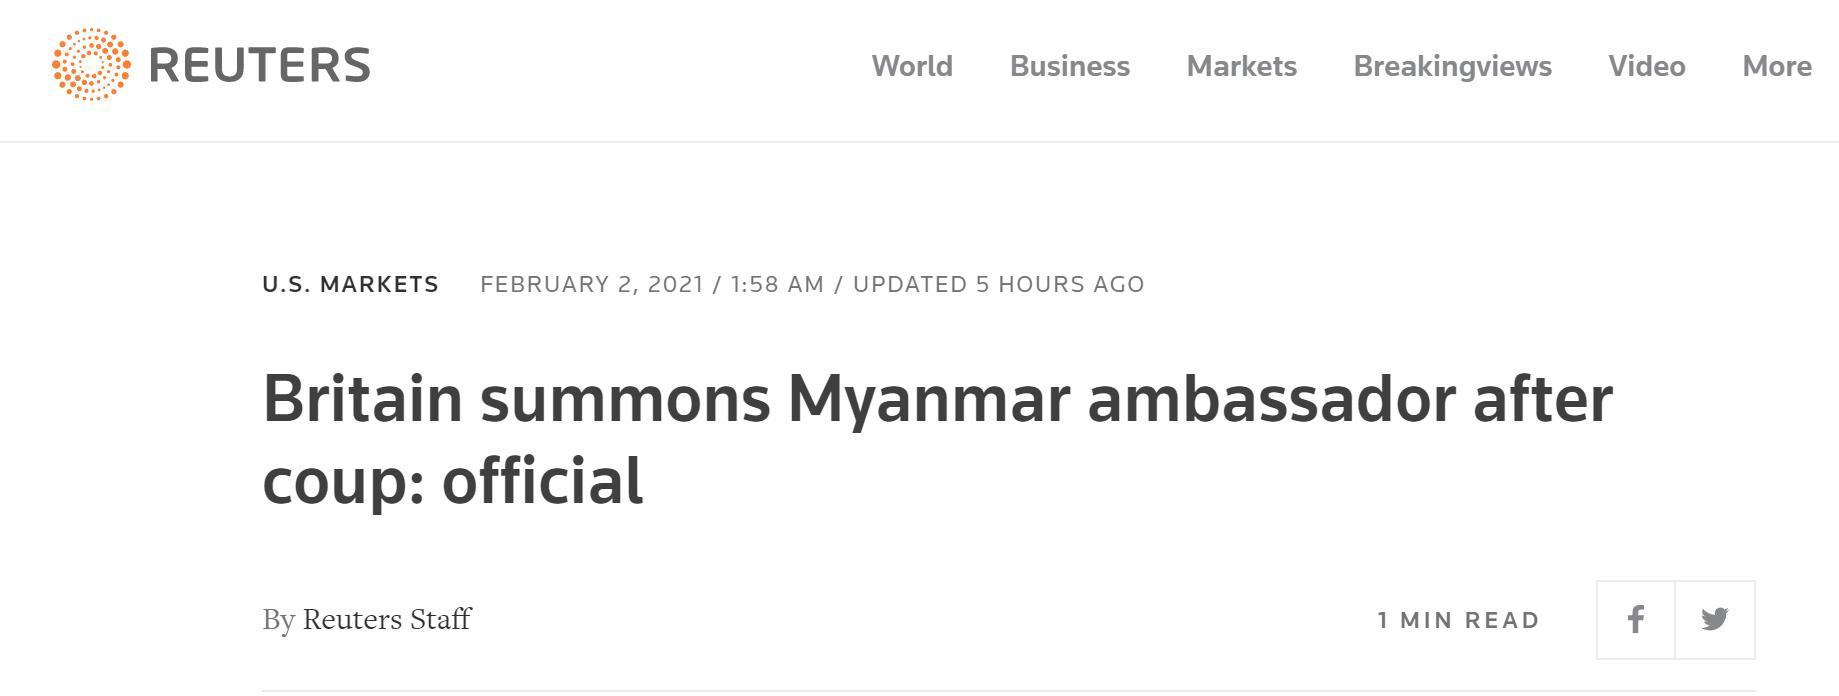 缅甸政局惊变,英国外交部召见缅甸大使